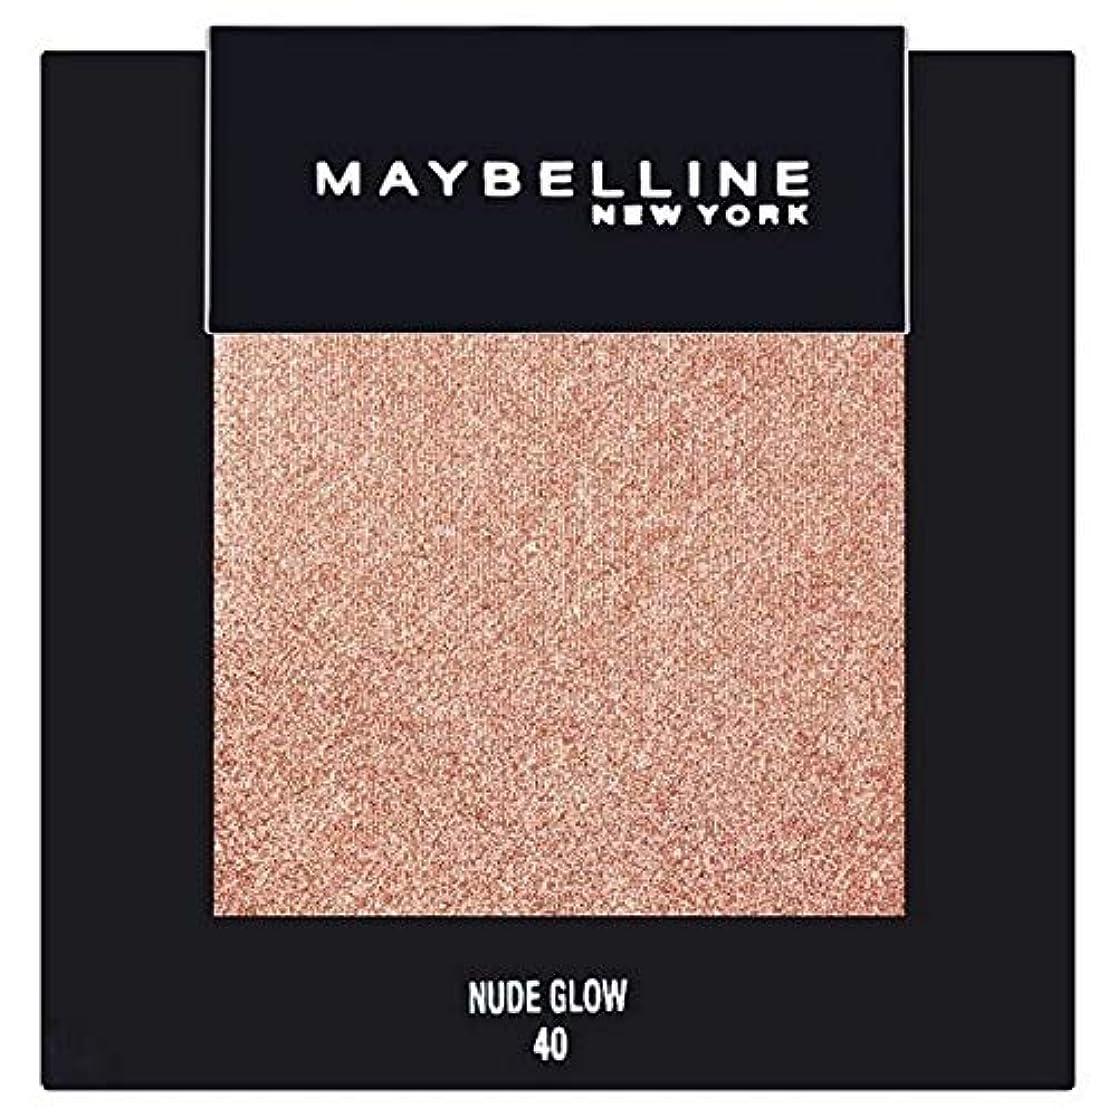 スキャンダル外部チューインガム[Maybelline ] メイベリンカラーショーシングルアイシャドウ40ヌードグロー - Maybelline Color Show Single Eyeshadow 40 Nude Glow [並行輸入品]